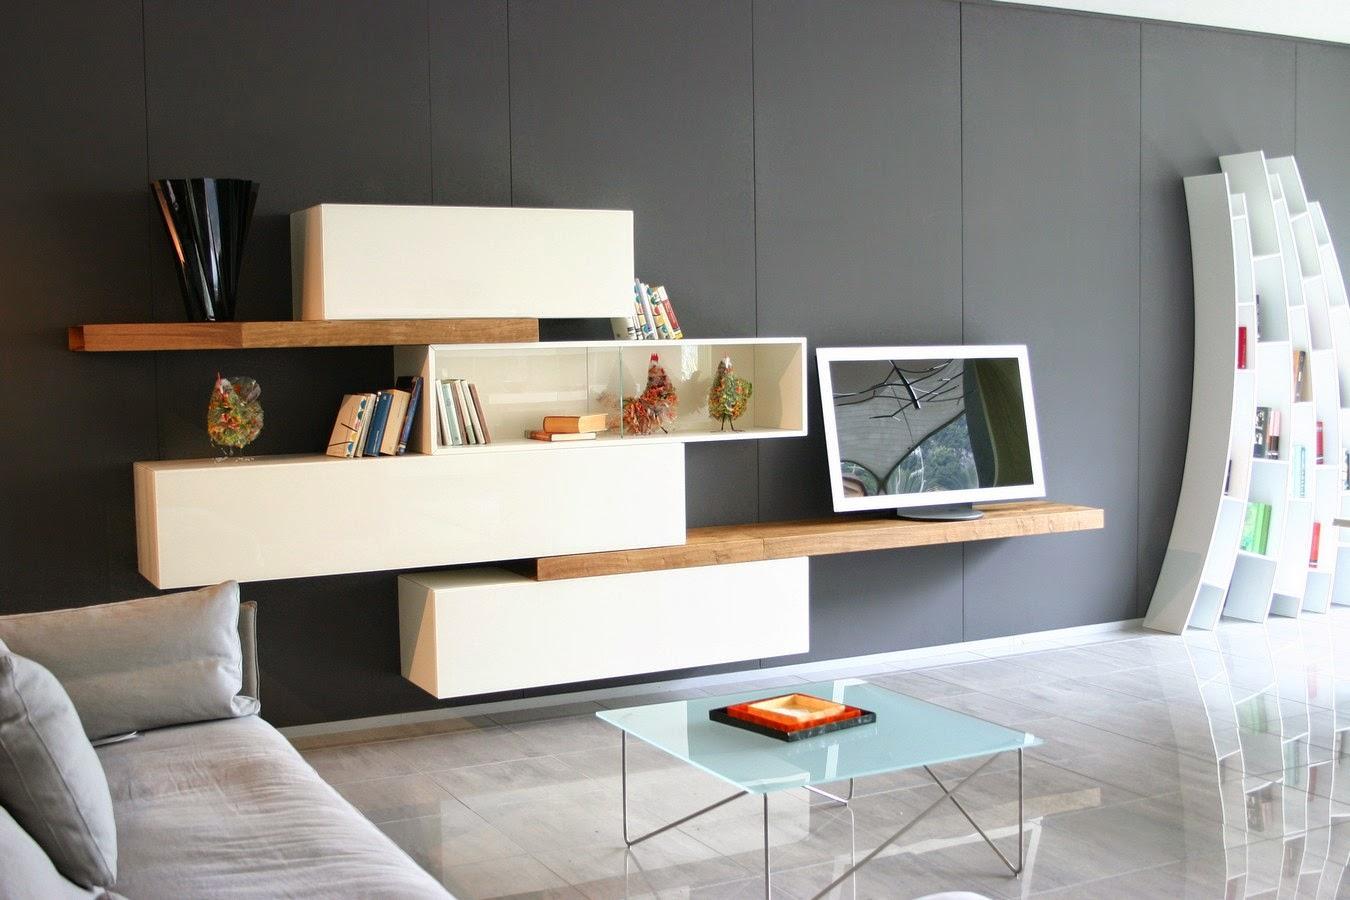 Soggiorni bianchi mobili soggiorno a brescia fabbrica cucine a